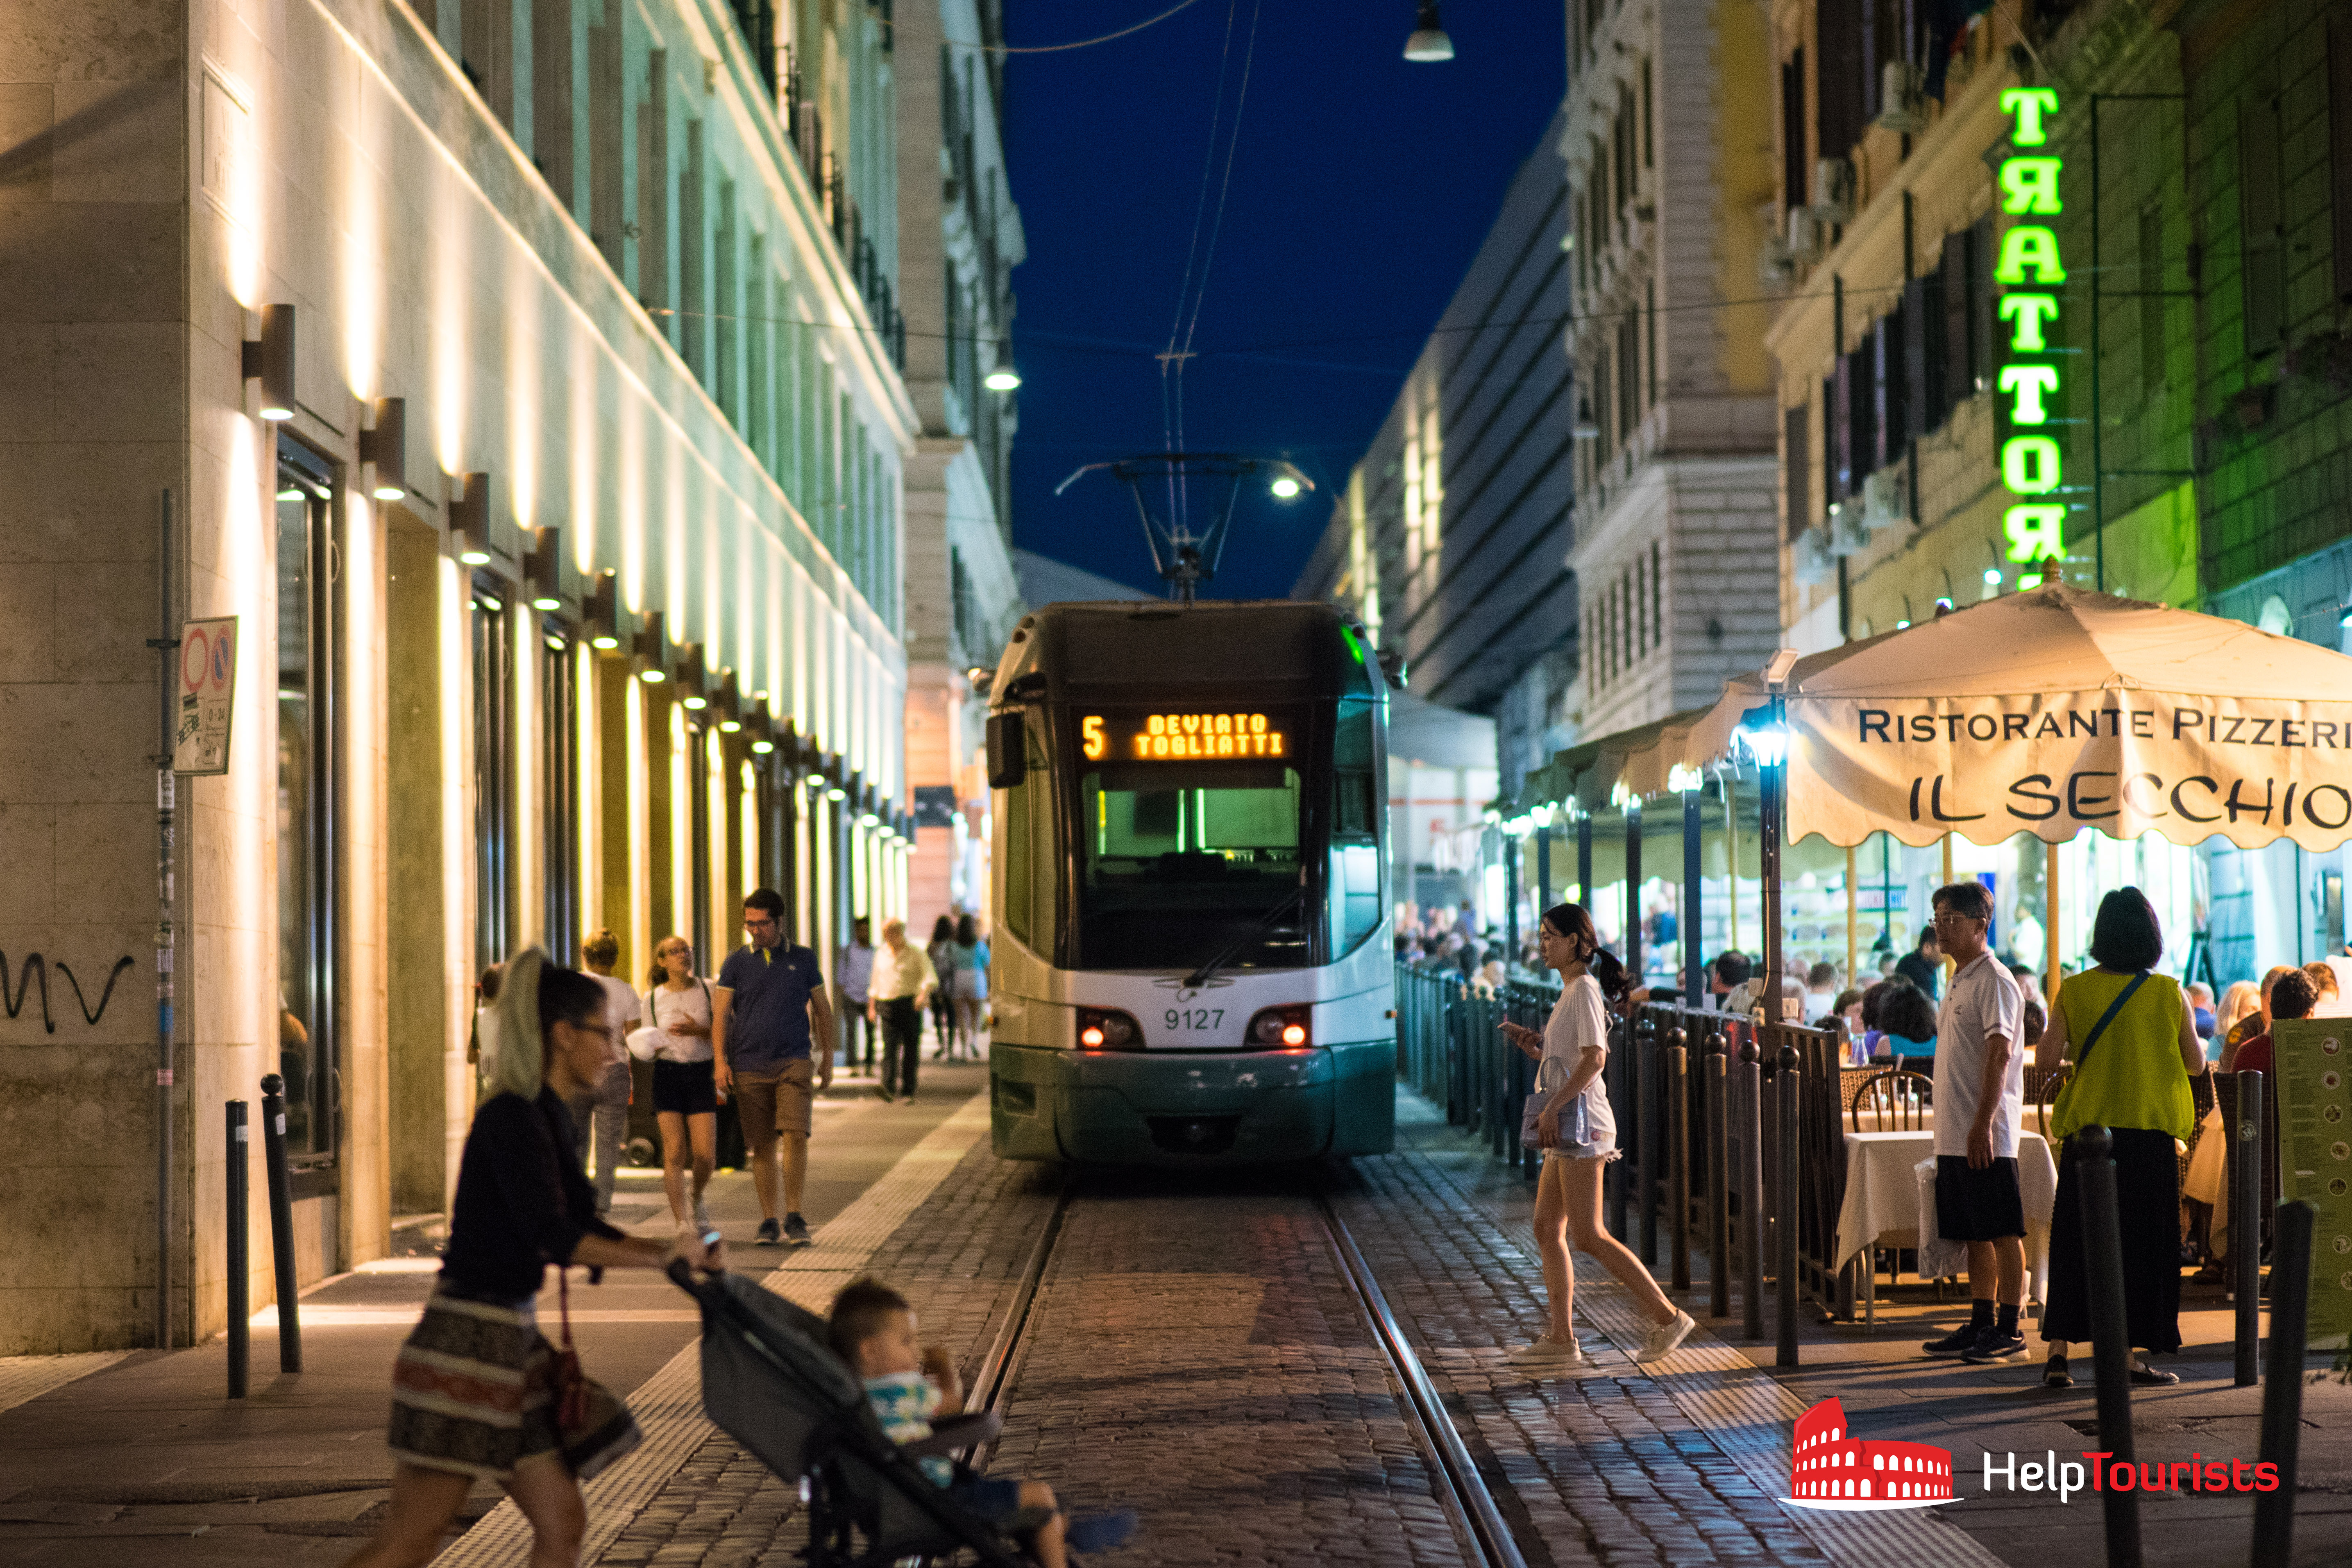 Tram-Nacht